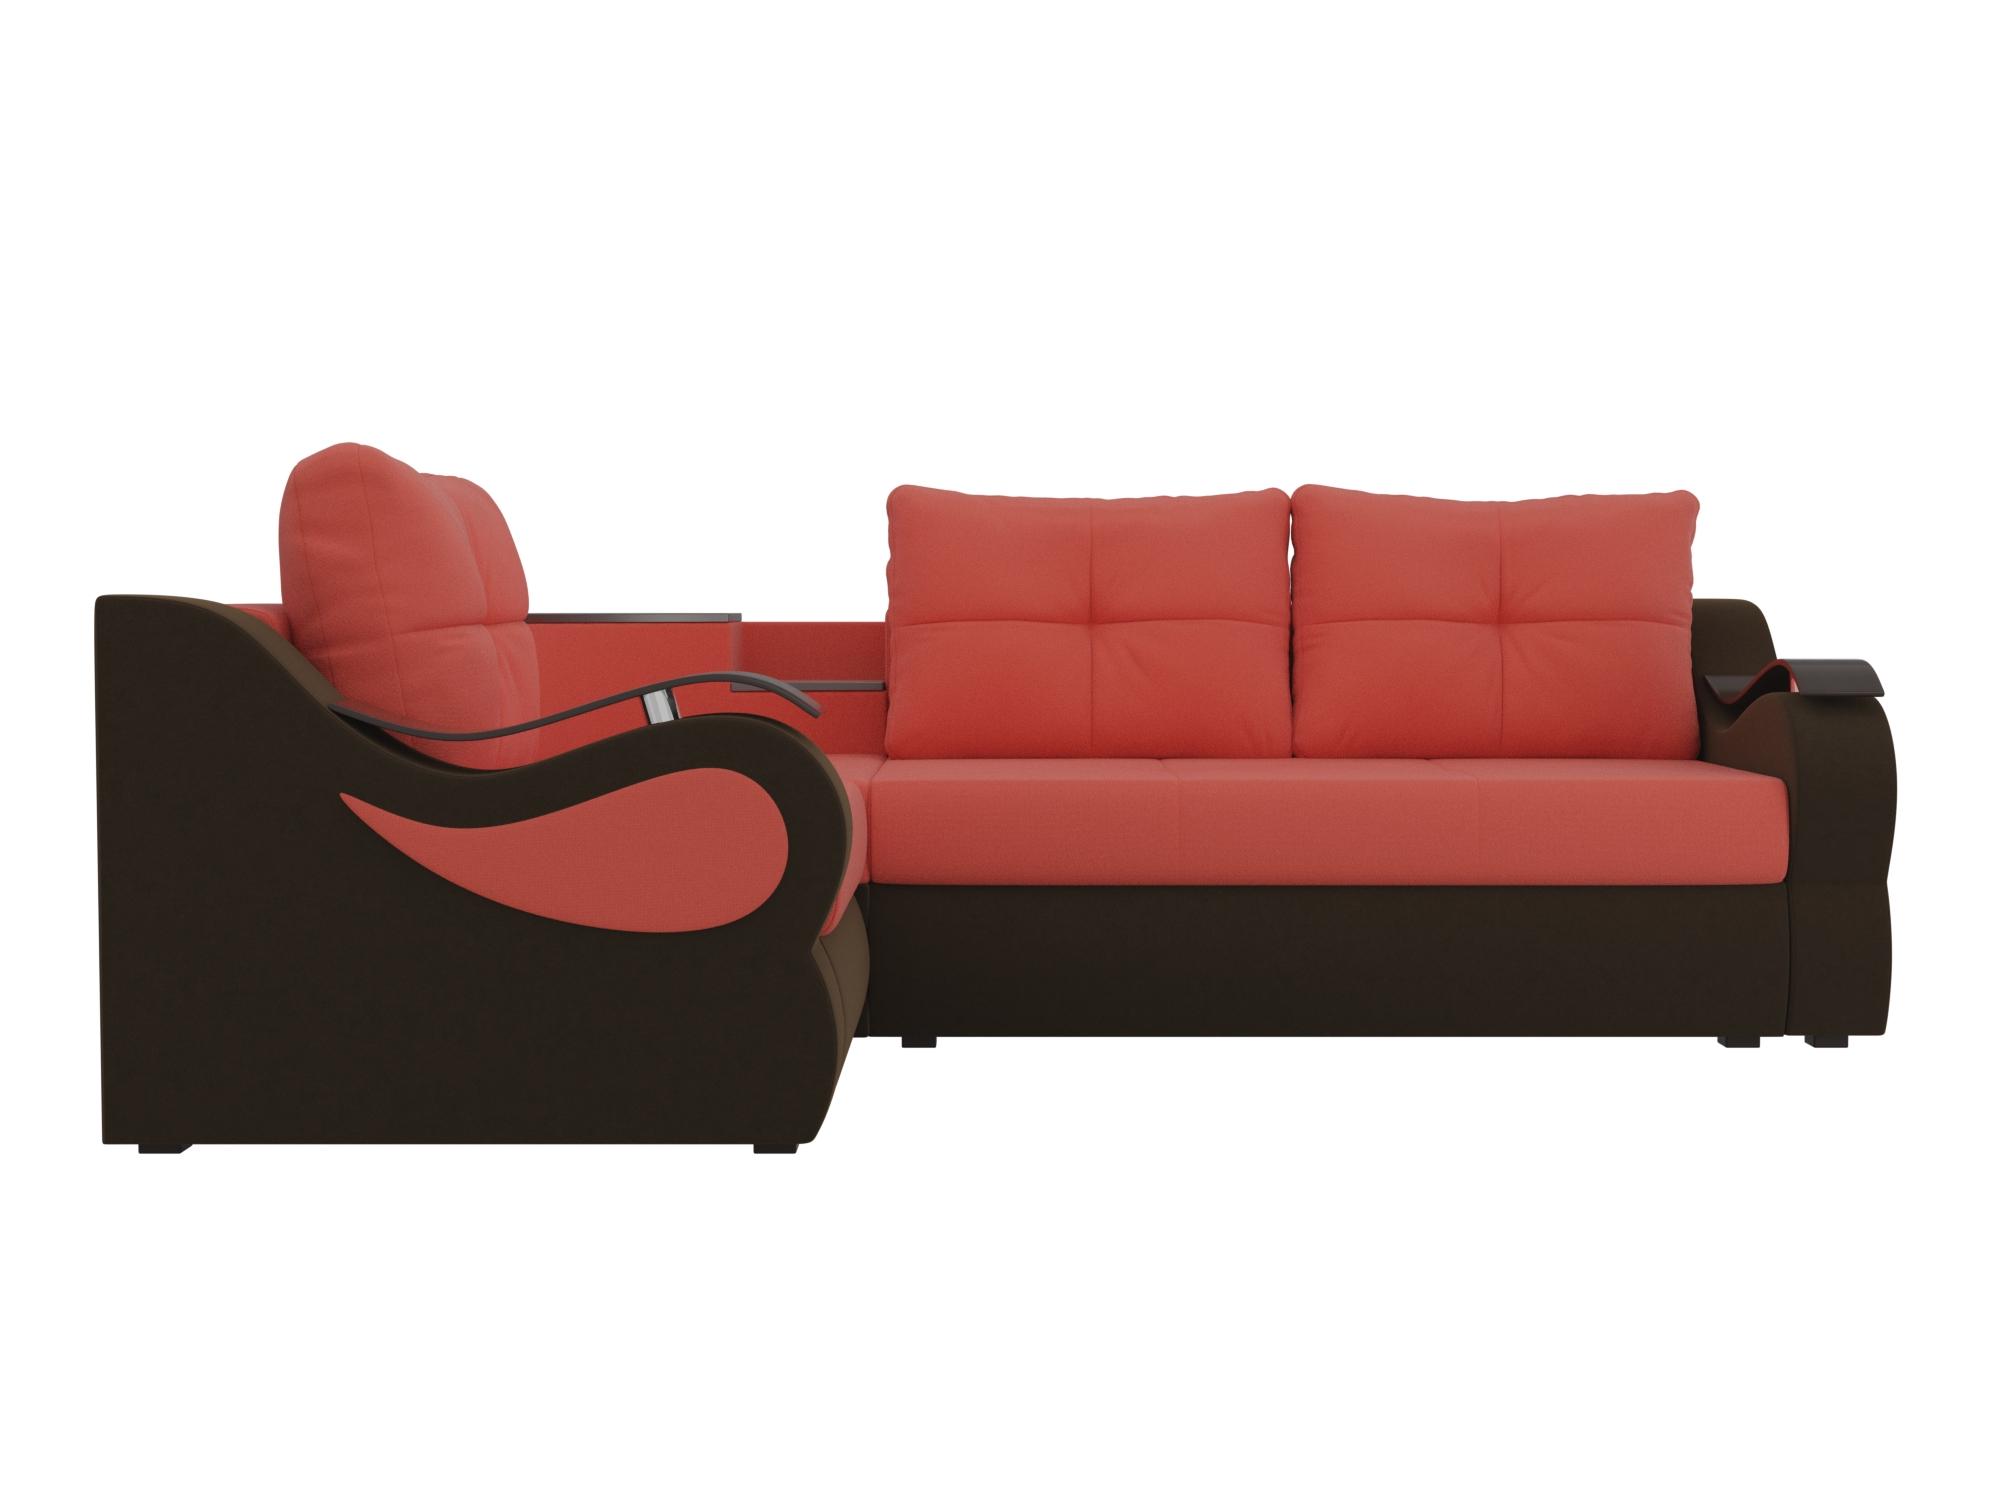 Угловой диван Митчелл Левый MebelVia Красный, Коричневый Коричневый, Красный